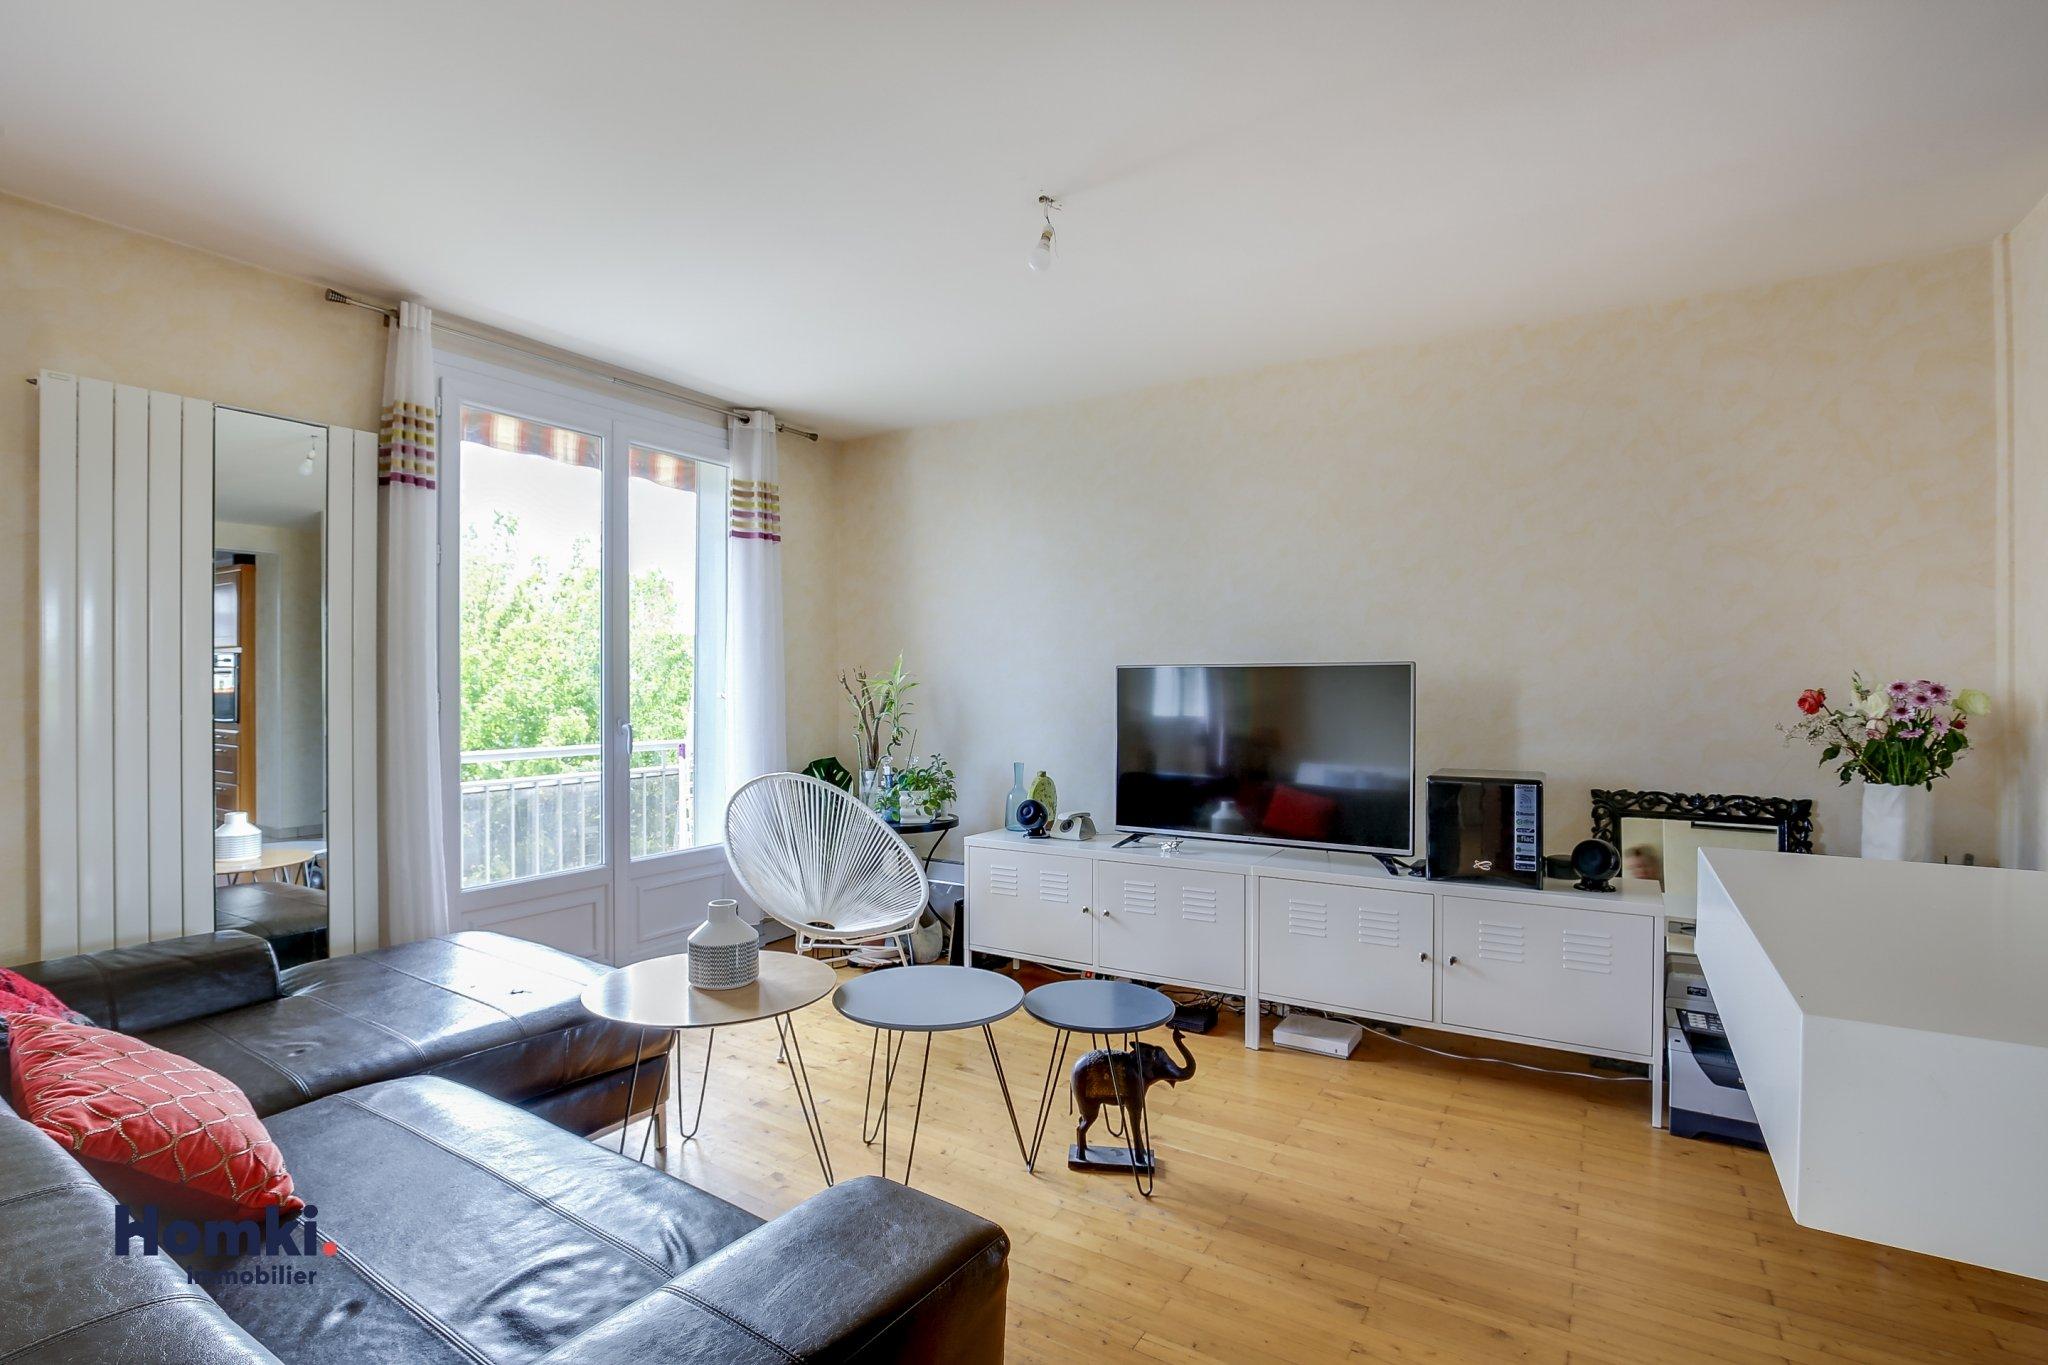 Homki - Vente appartement  de 57.0 m² à Saint-Priest 69800